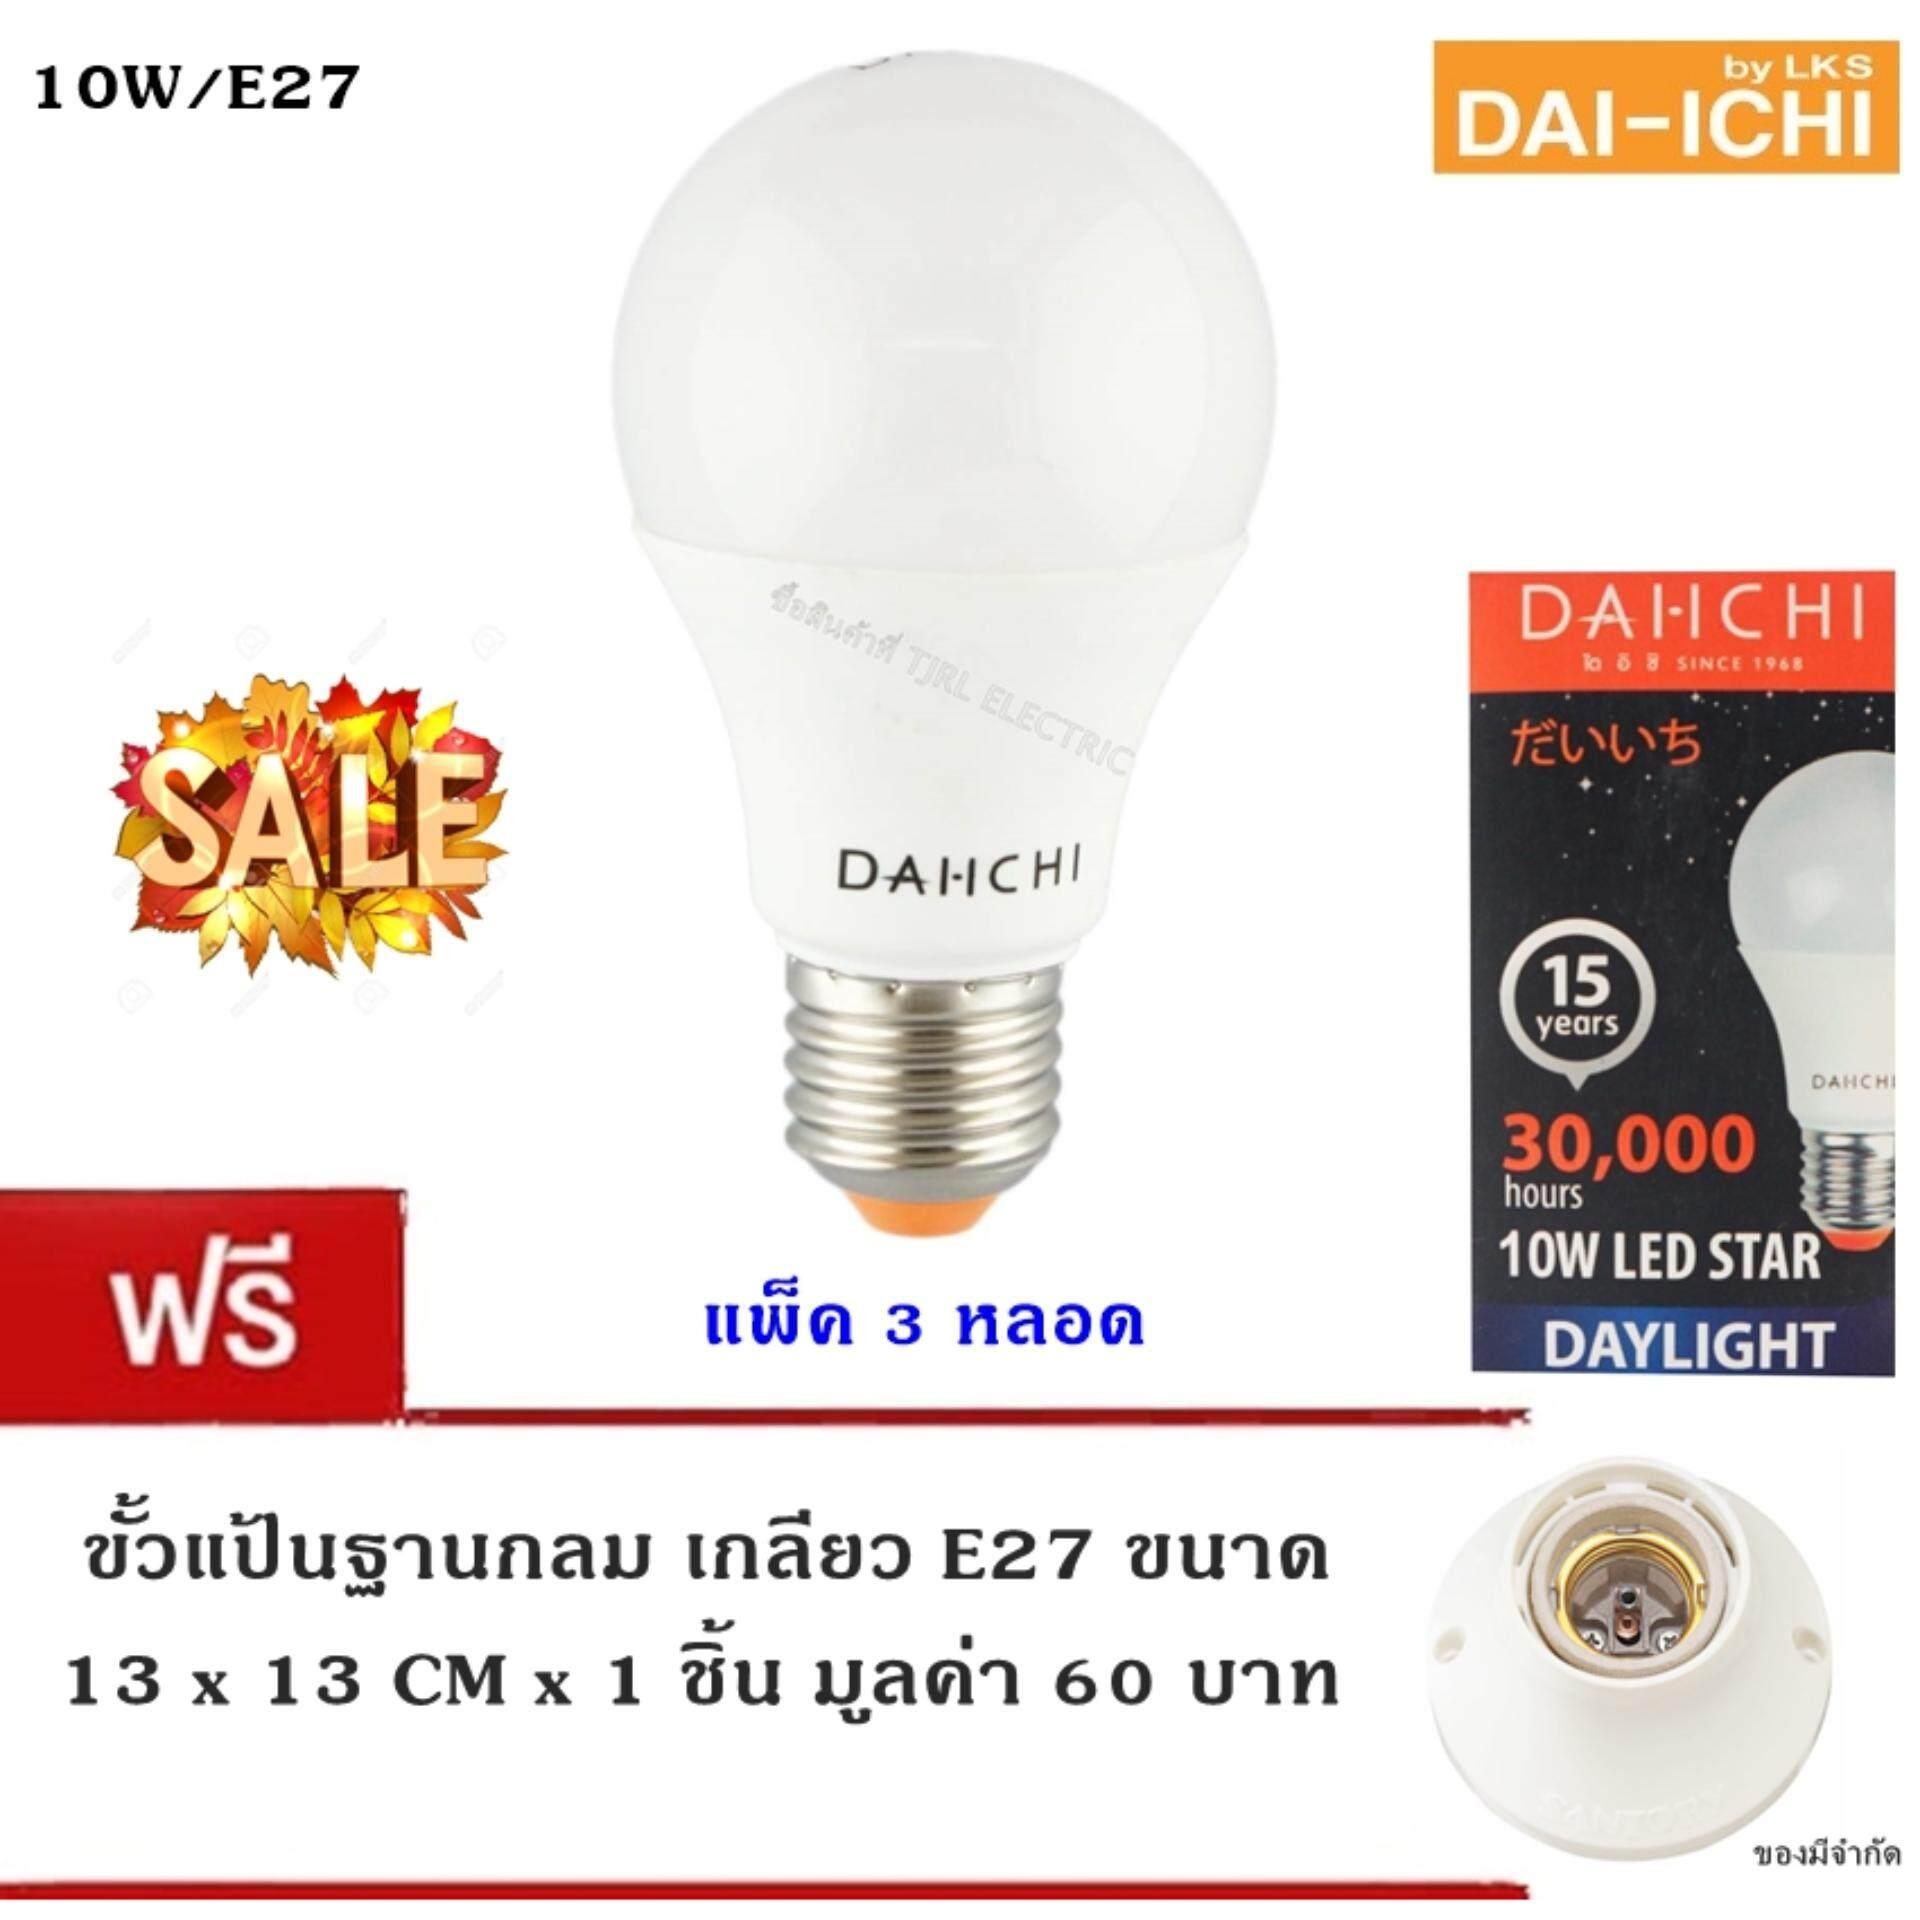 ขาย Dai Ichi แพ็ค หลอดไฟ Led ทรงกลม 10W ขั้ว E27 แสง Daylight รุ่น Star X 3 ดวง ฟรี ขั้วแป้นฐานกลม เกลียว E27 ขนาด 13 X 13 Cm สีครีม X 1 ชิ้น มูลค่า 60 บาท ราคาถูกที่สุด